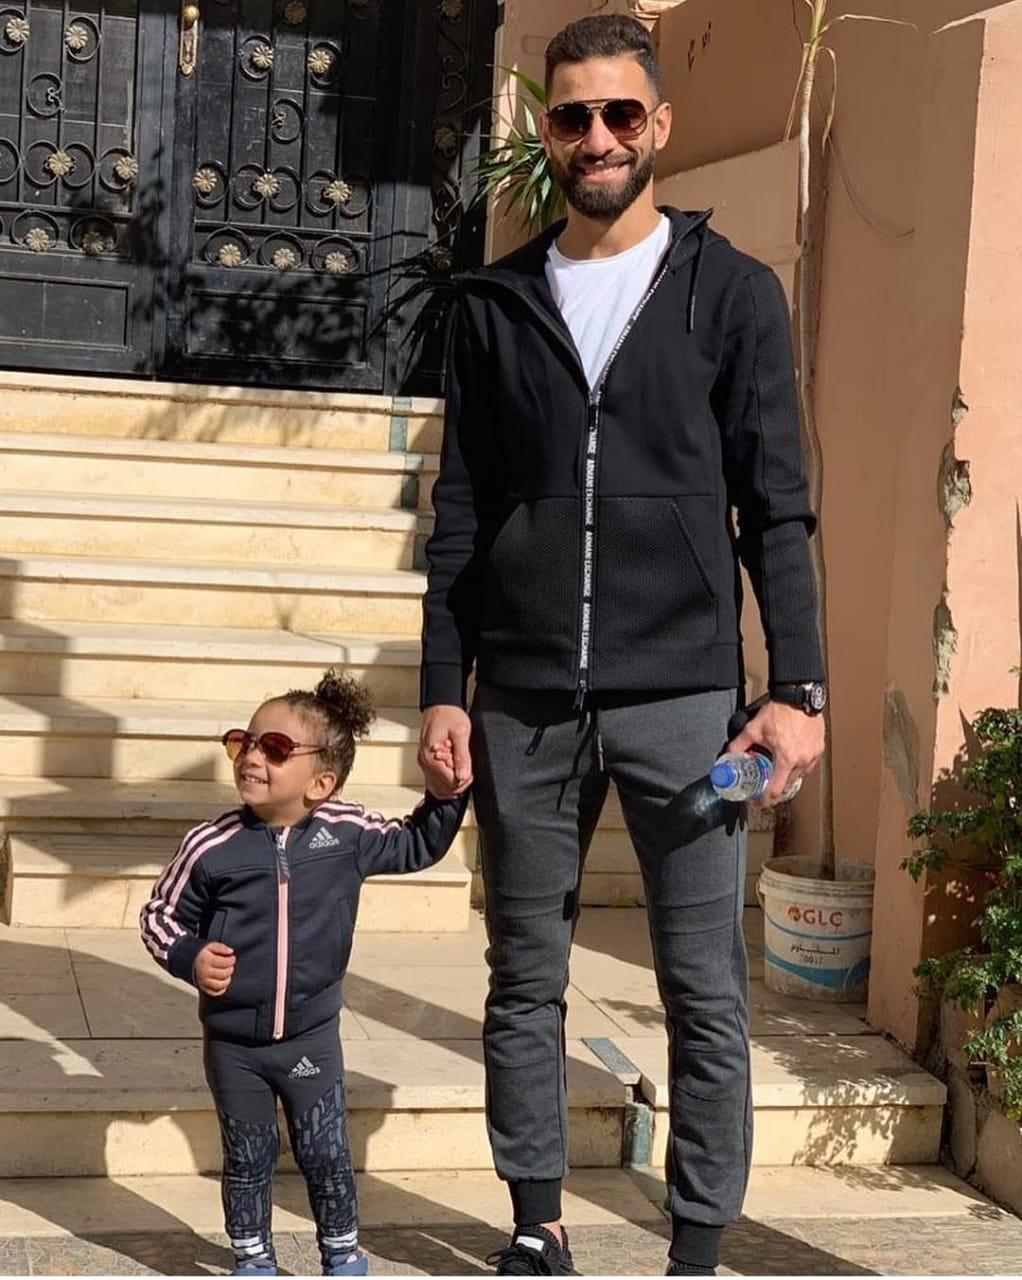 السولية و ليلى بالملابس الرياضية